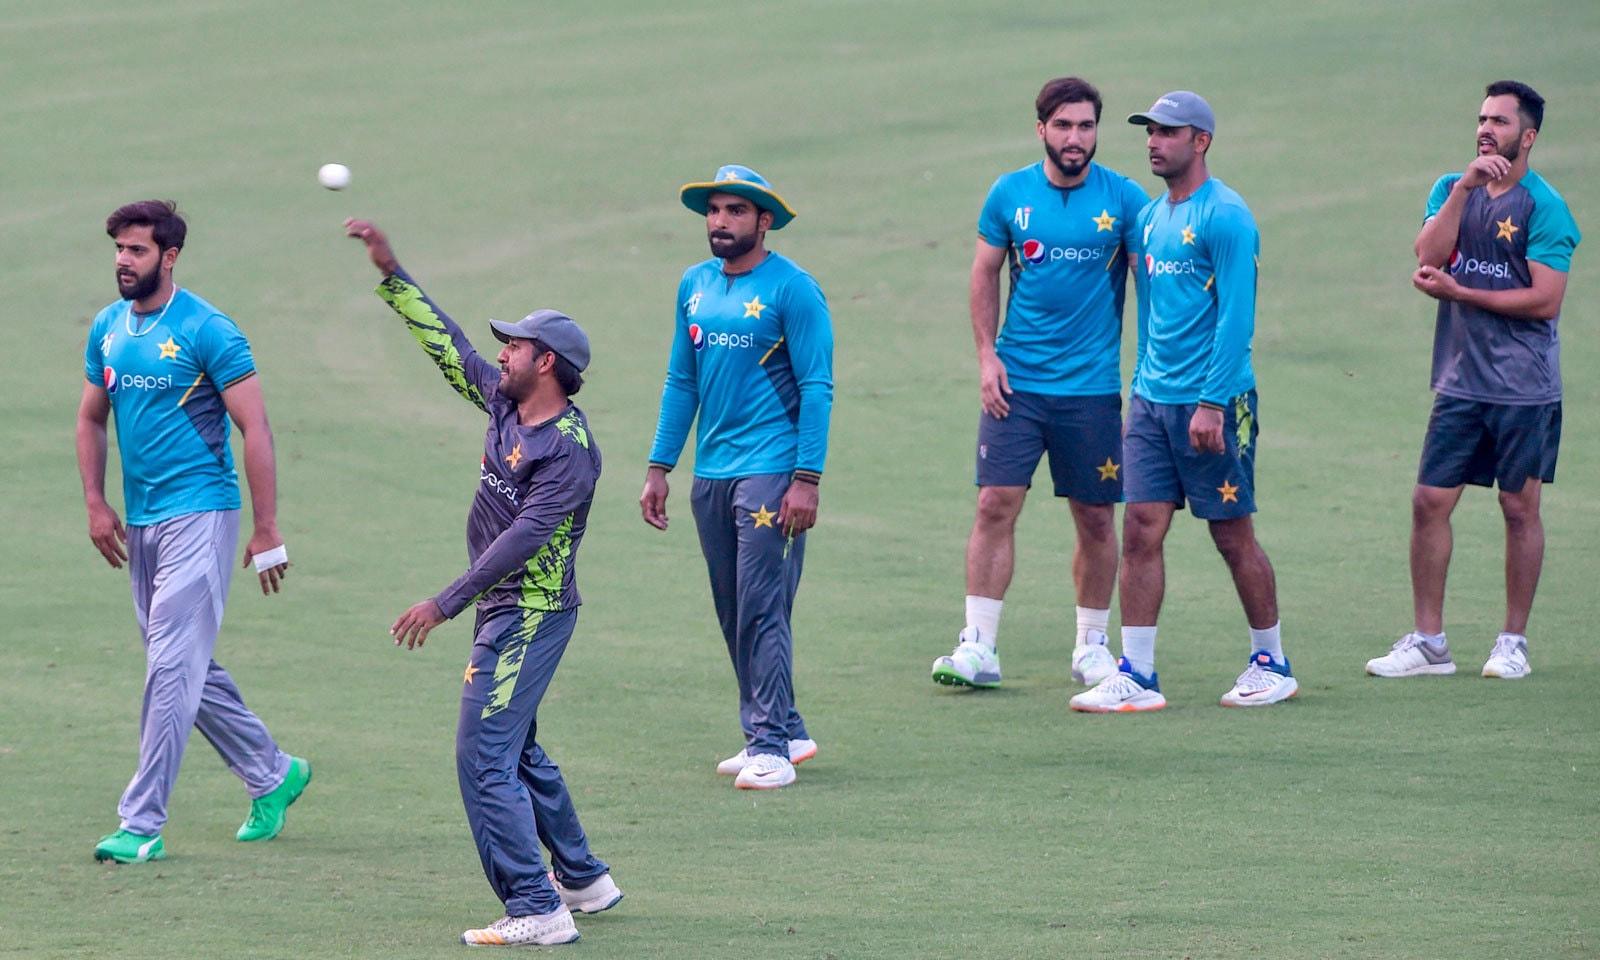 پاکستان اور سری لنکا کے درمیان سیریز کا آغاز 27ستمبر سے ہو گا— فوٹو: اے ایف پی